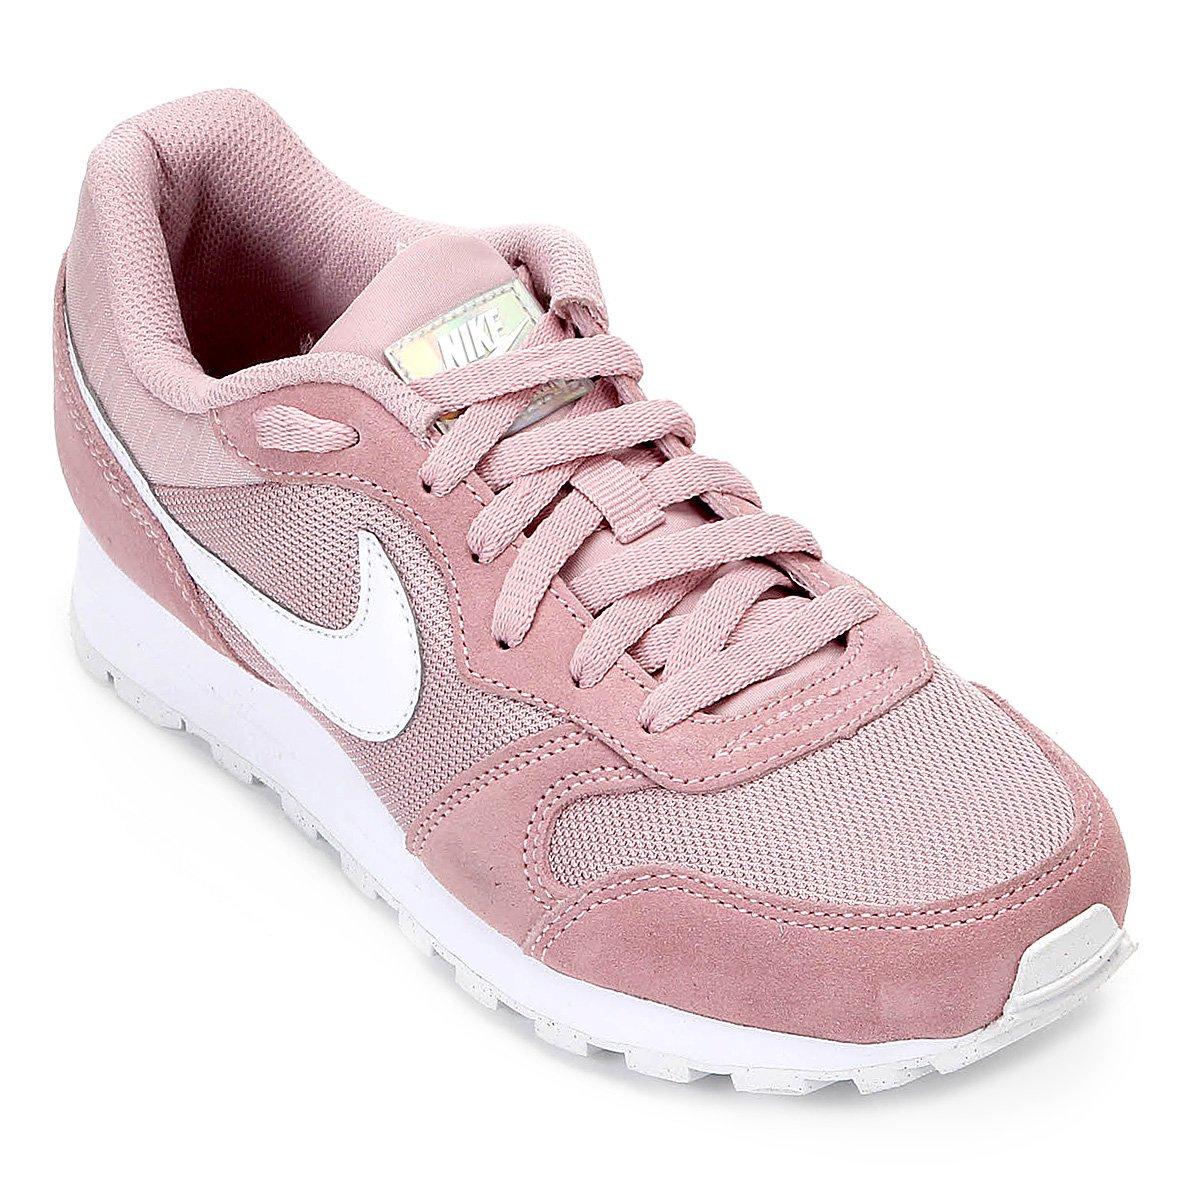 8d43d502f6 Tênis Nike Md Runner 2 Feminino | Livelo -Sua Vida com Mais Recompensas